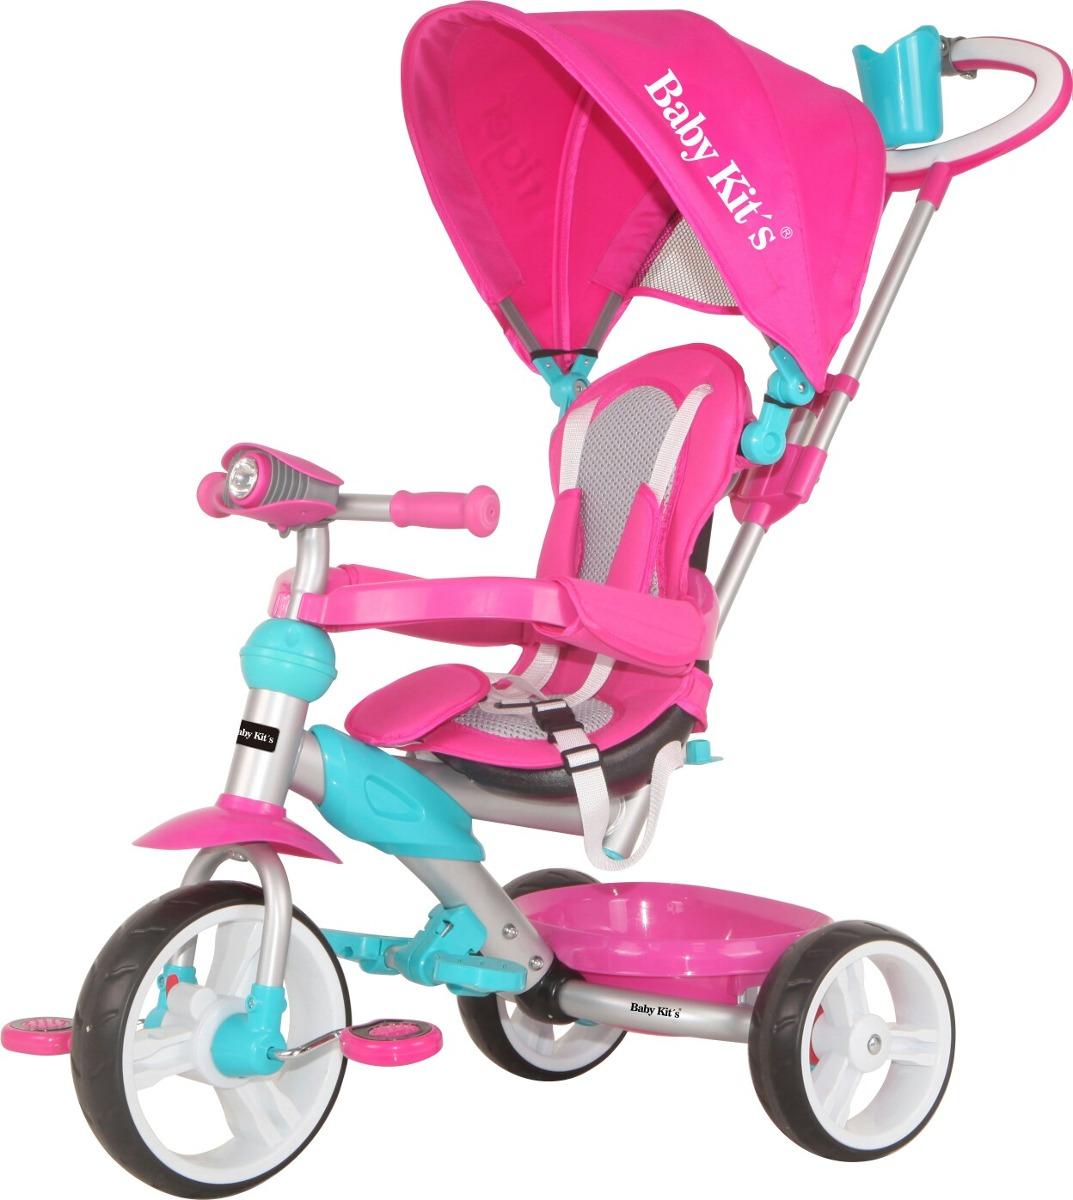 585e8134c coche triciclo con guiador baby kits para bebes matrix 1310. Cargando zoom.